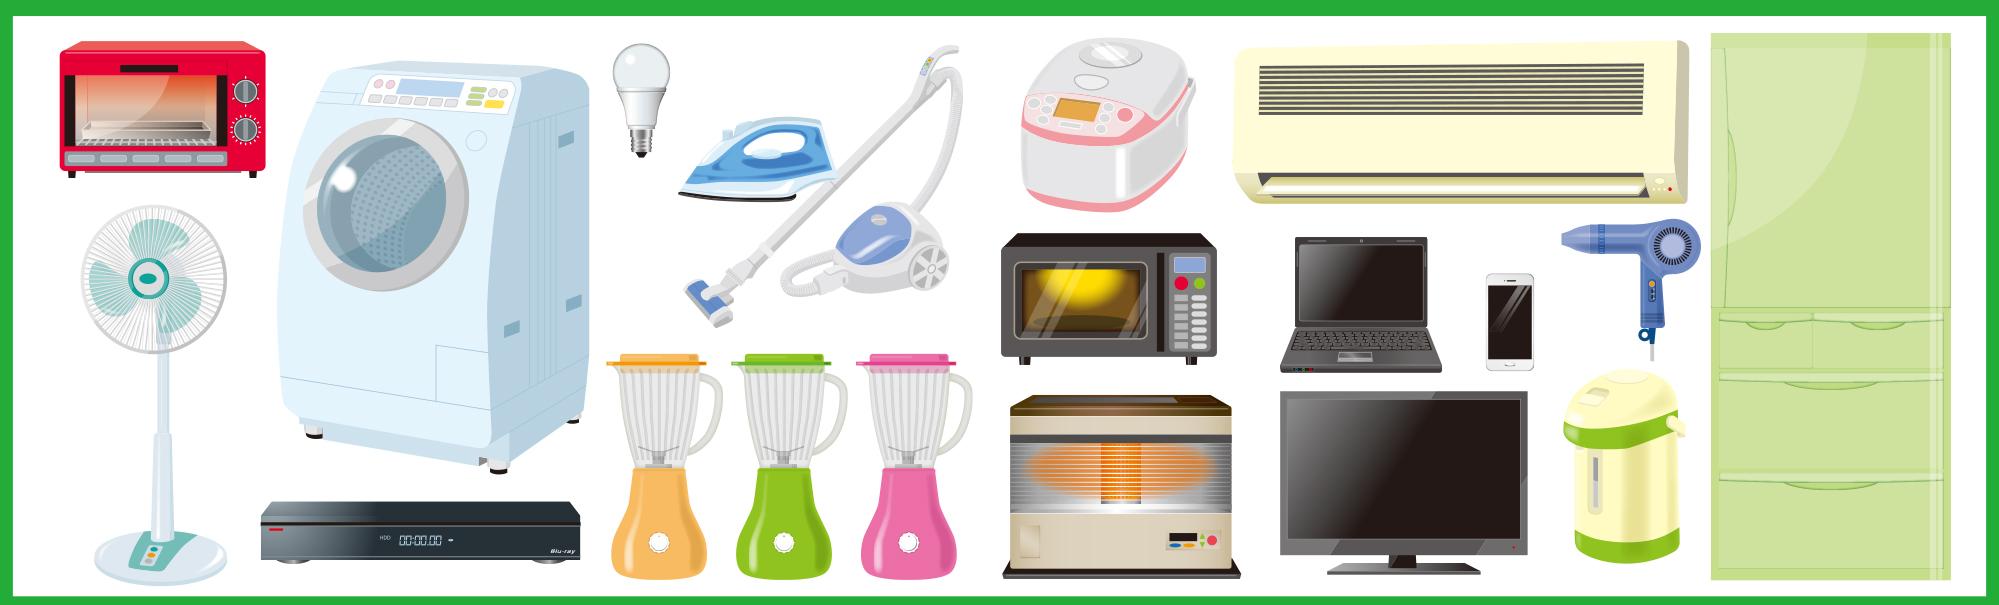 買取対象製品(家電)